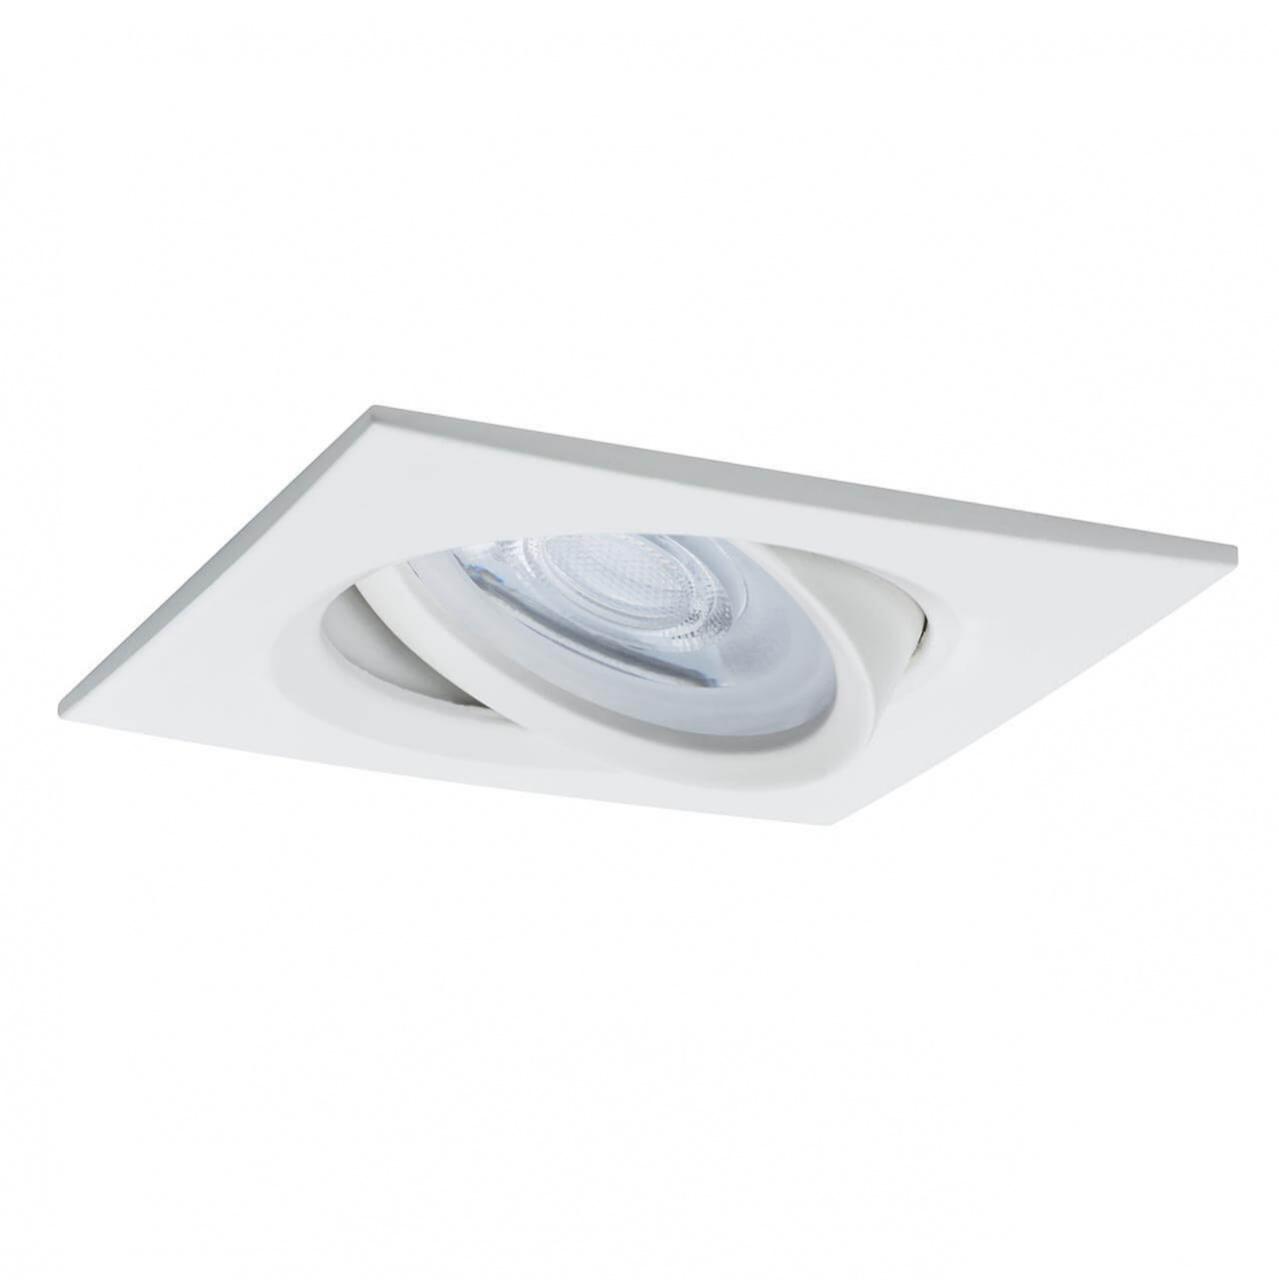 Встраиваемый светодиодный светильник Paulmann Nova 93621